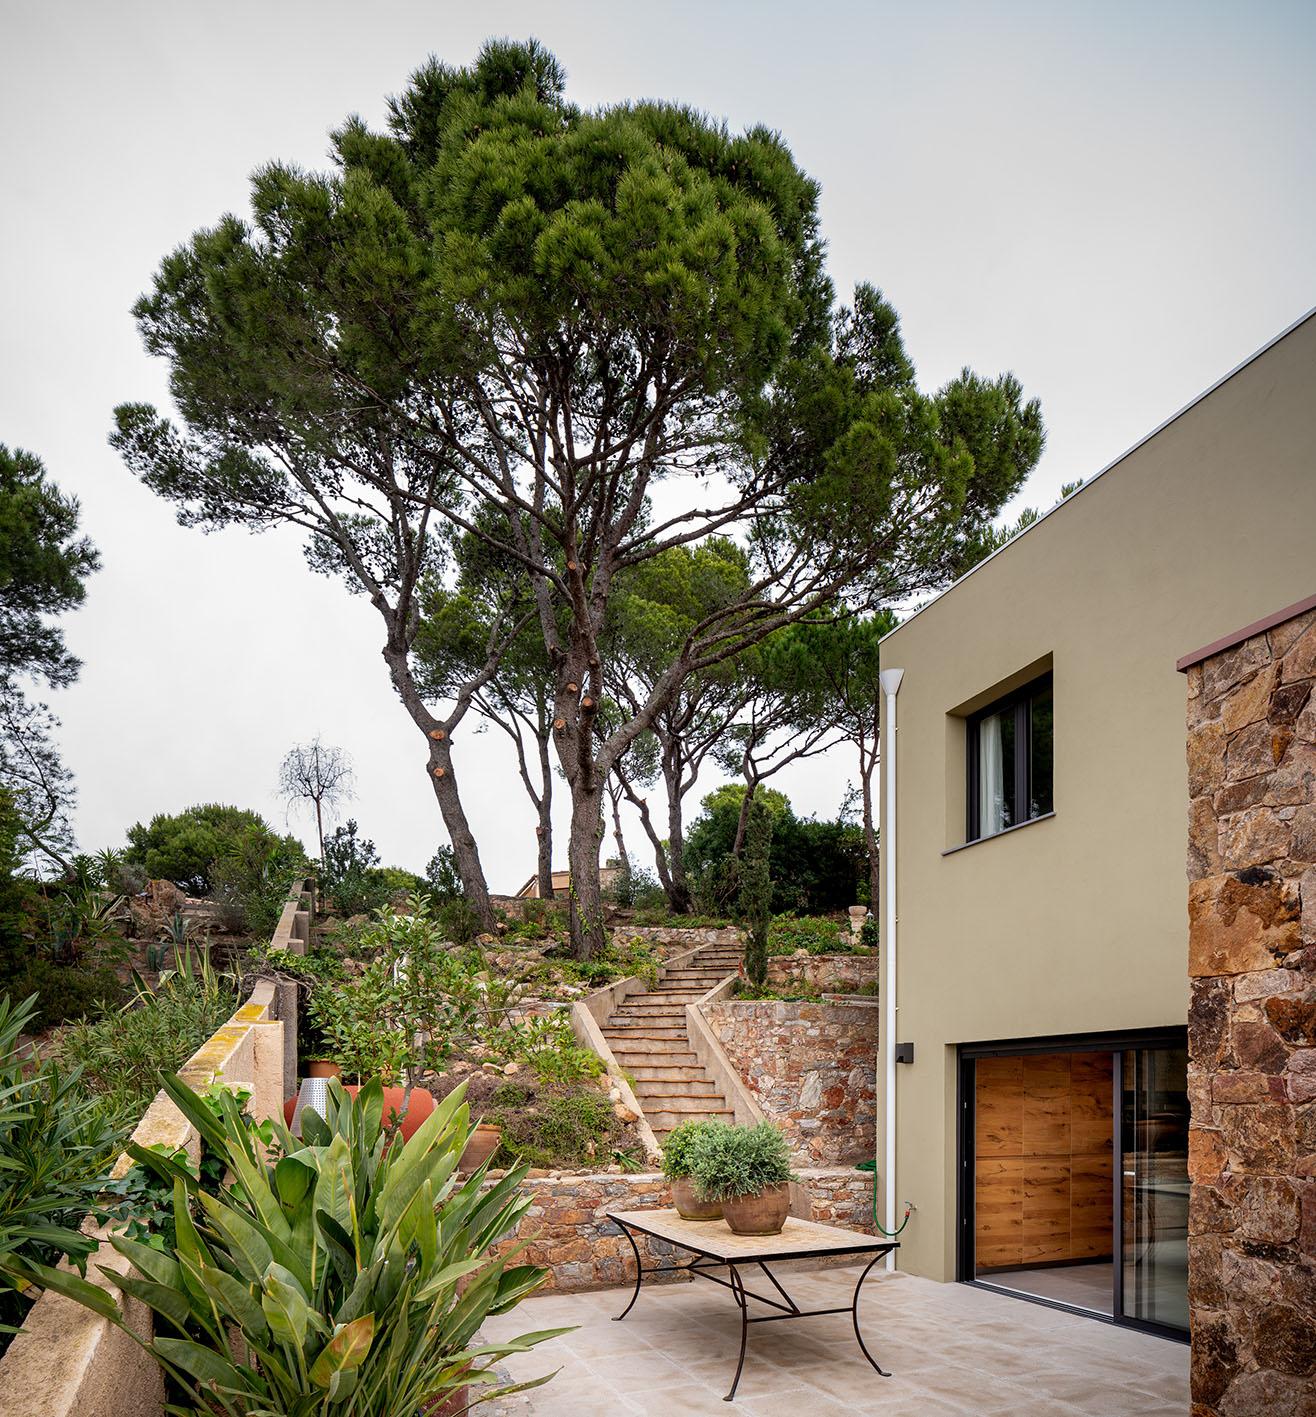 Fotografía de arquitectura - Imagen de patio exterior en casa unifamiliar